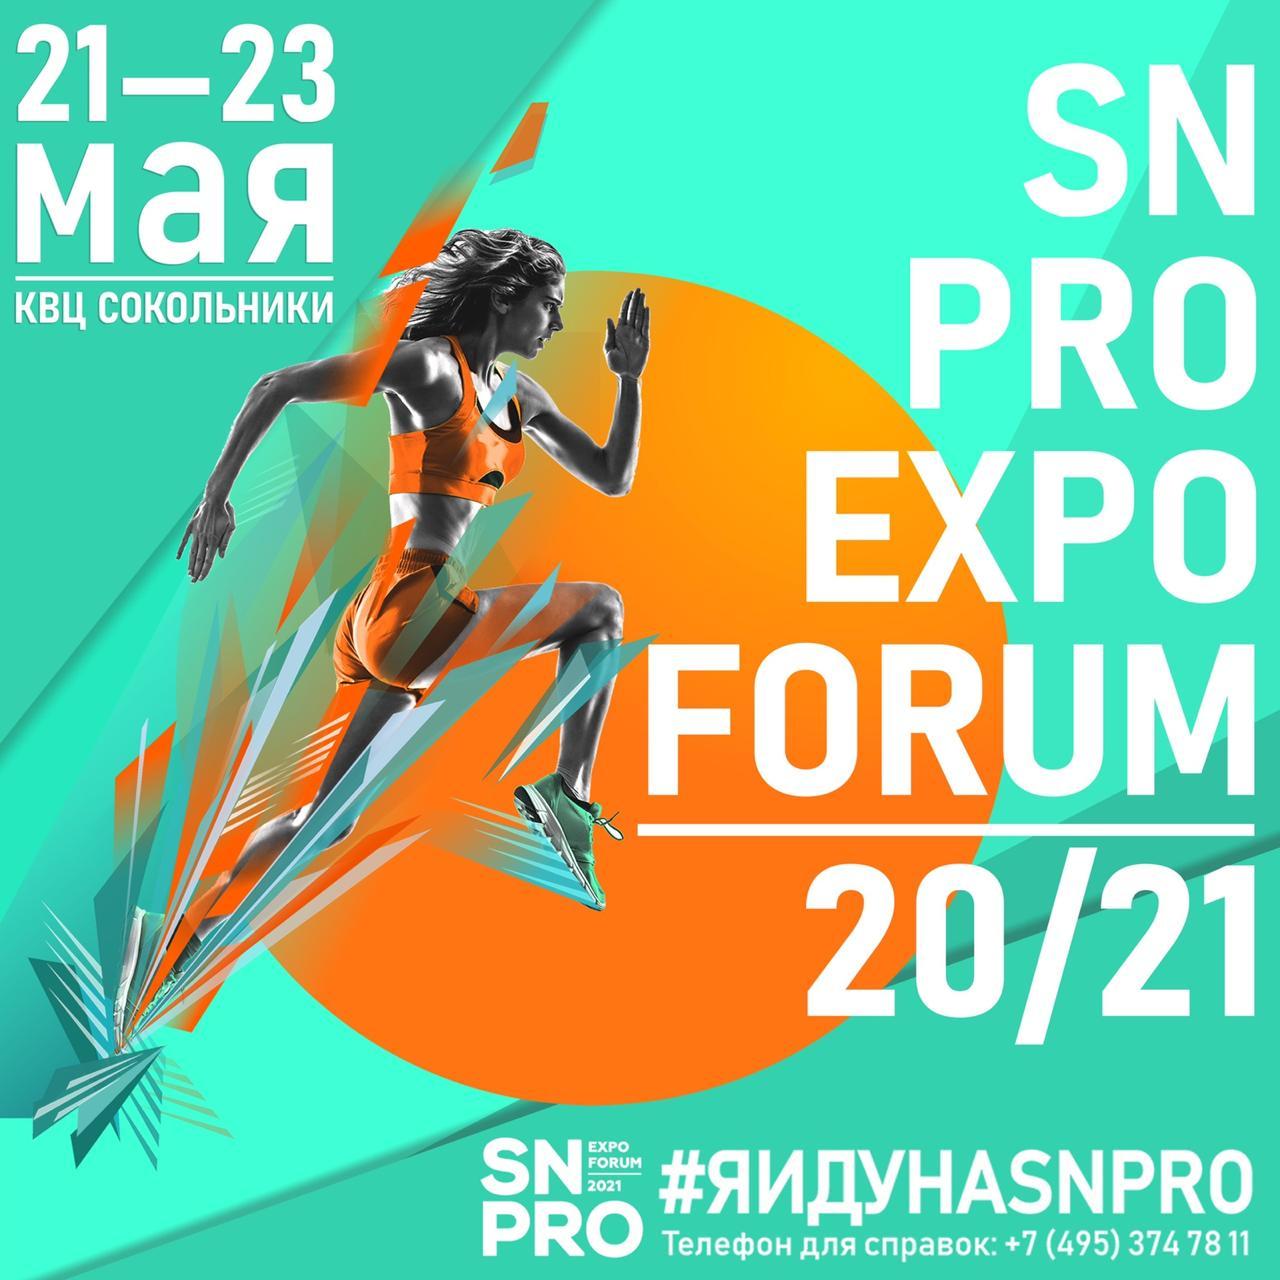 Этап Международной серии Гран При WAKSC в Москве на фестивале спорта СН ПРО 2021